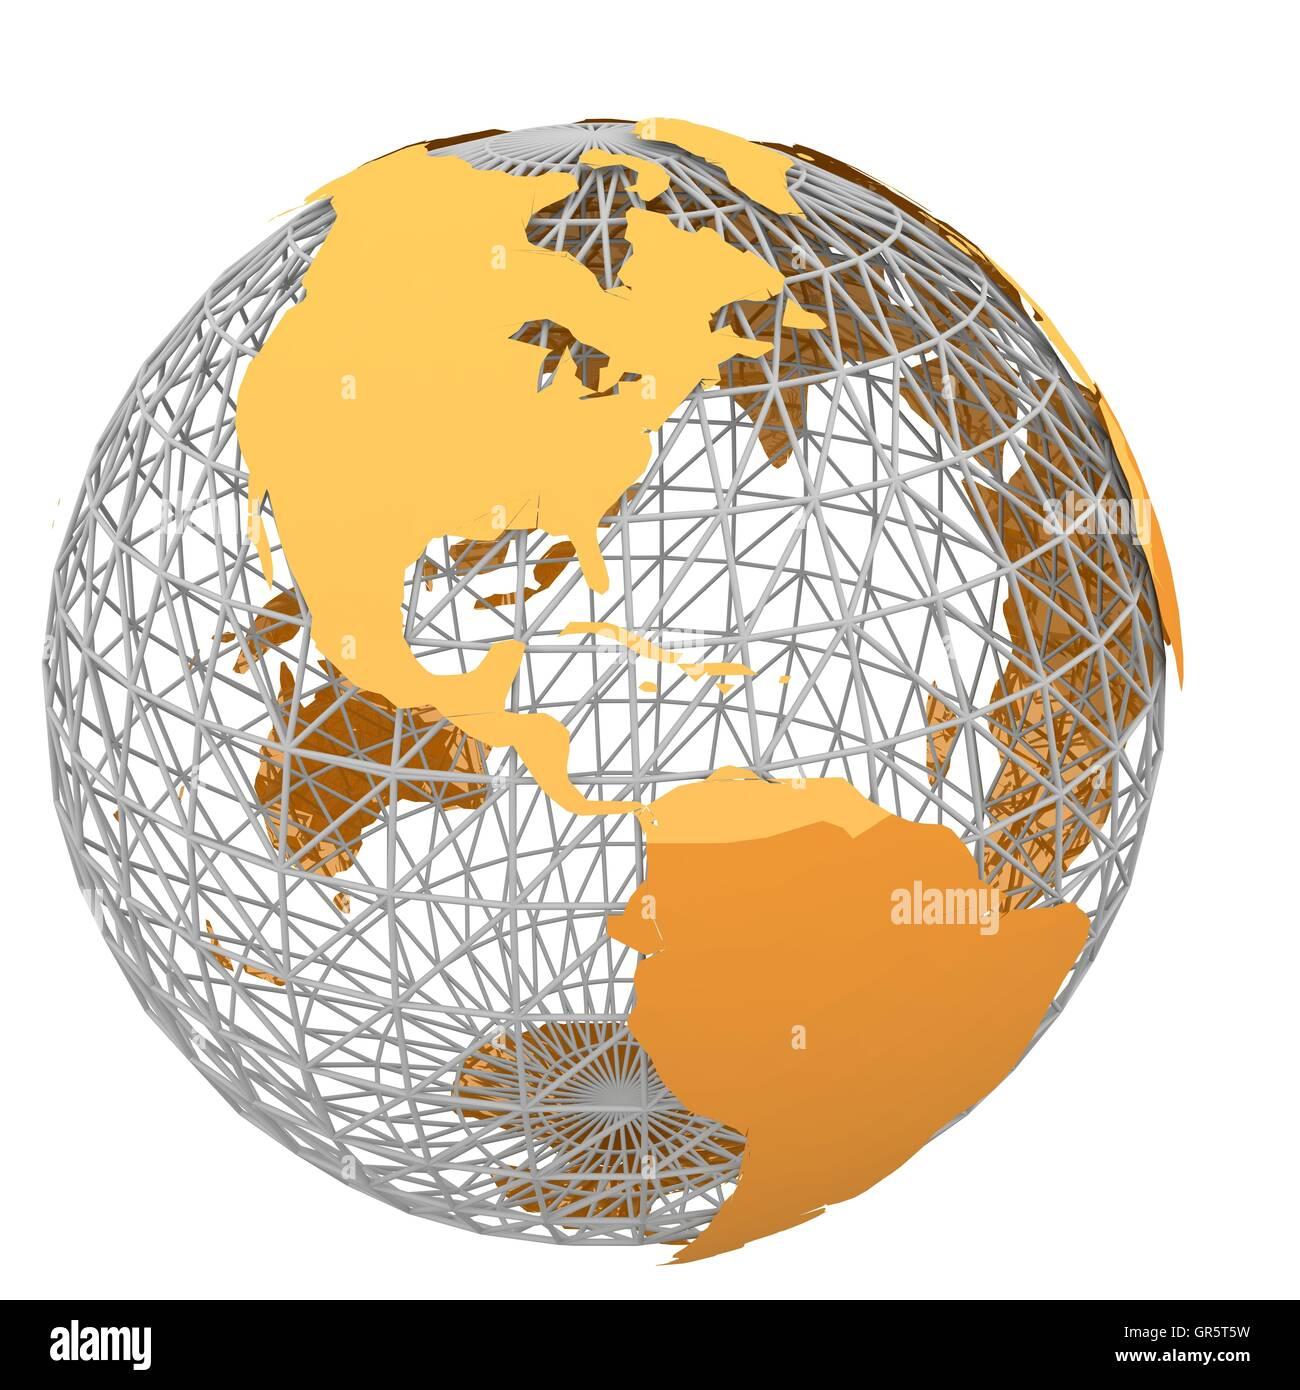 orange world map 2 - Stock Image